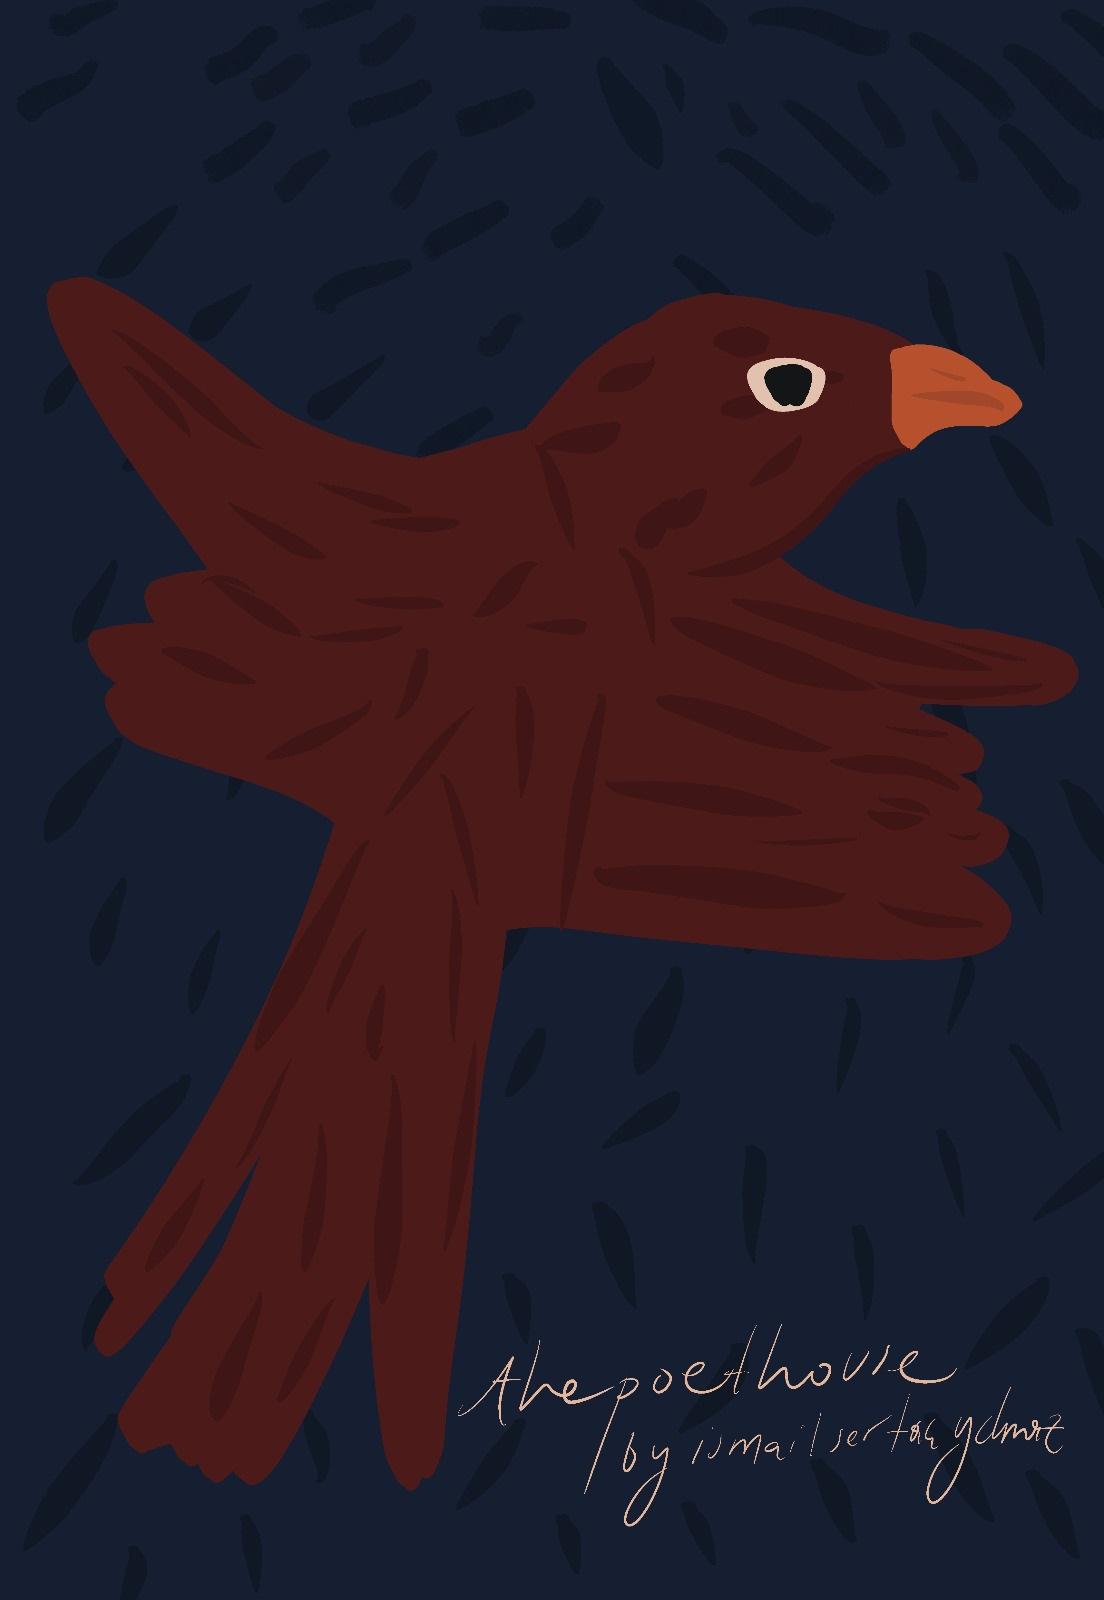 """<p>Ergülen'in """"Kuşları Göğü Önünde"""" kitabı özel 16 şiire karşılık İsmail Sertaç Yılmaz'ın çizimleriyle buluştu. Kitap, 500 edisyon ve tekrar baskısız üretildi. Sevenleri için koleksiyonluk bir iş.</p>"""